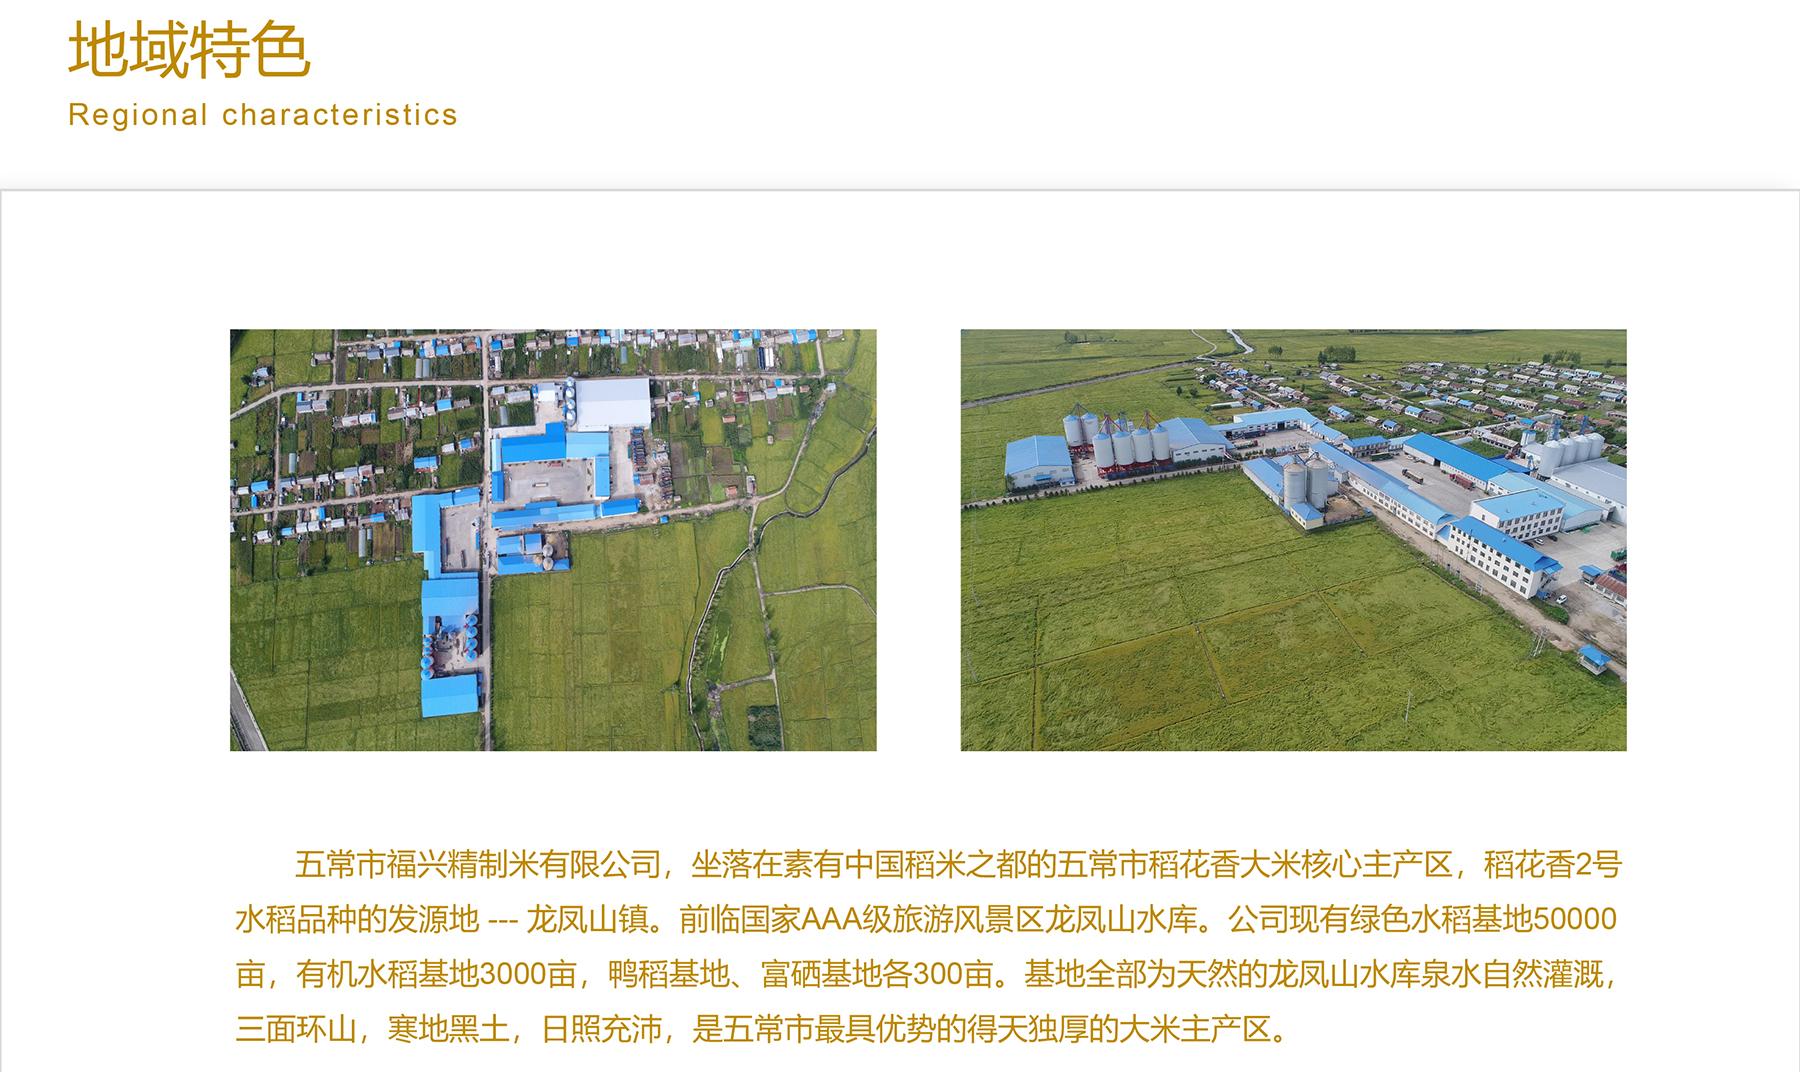 火狐体育在线平台火狐体育娱乐精制米有限公司-3.jpg